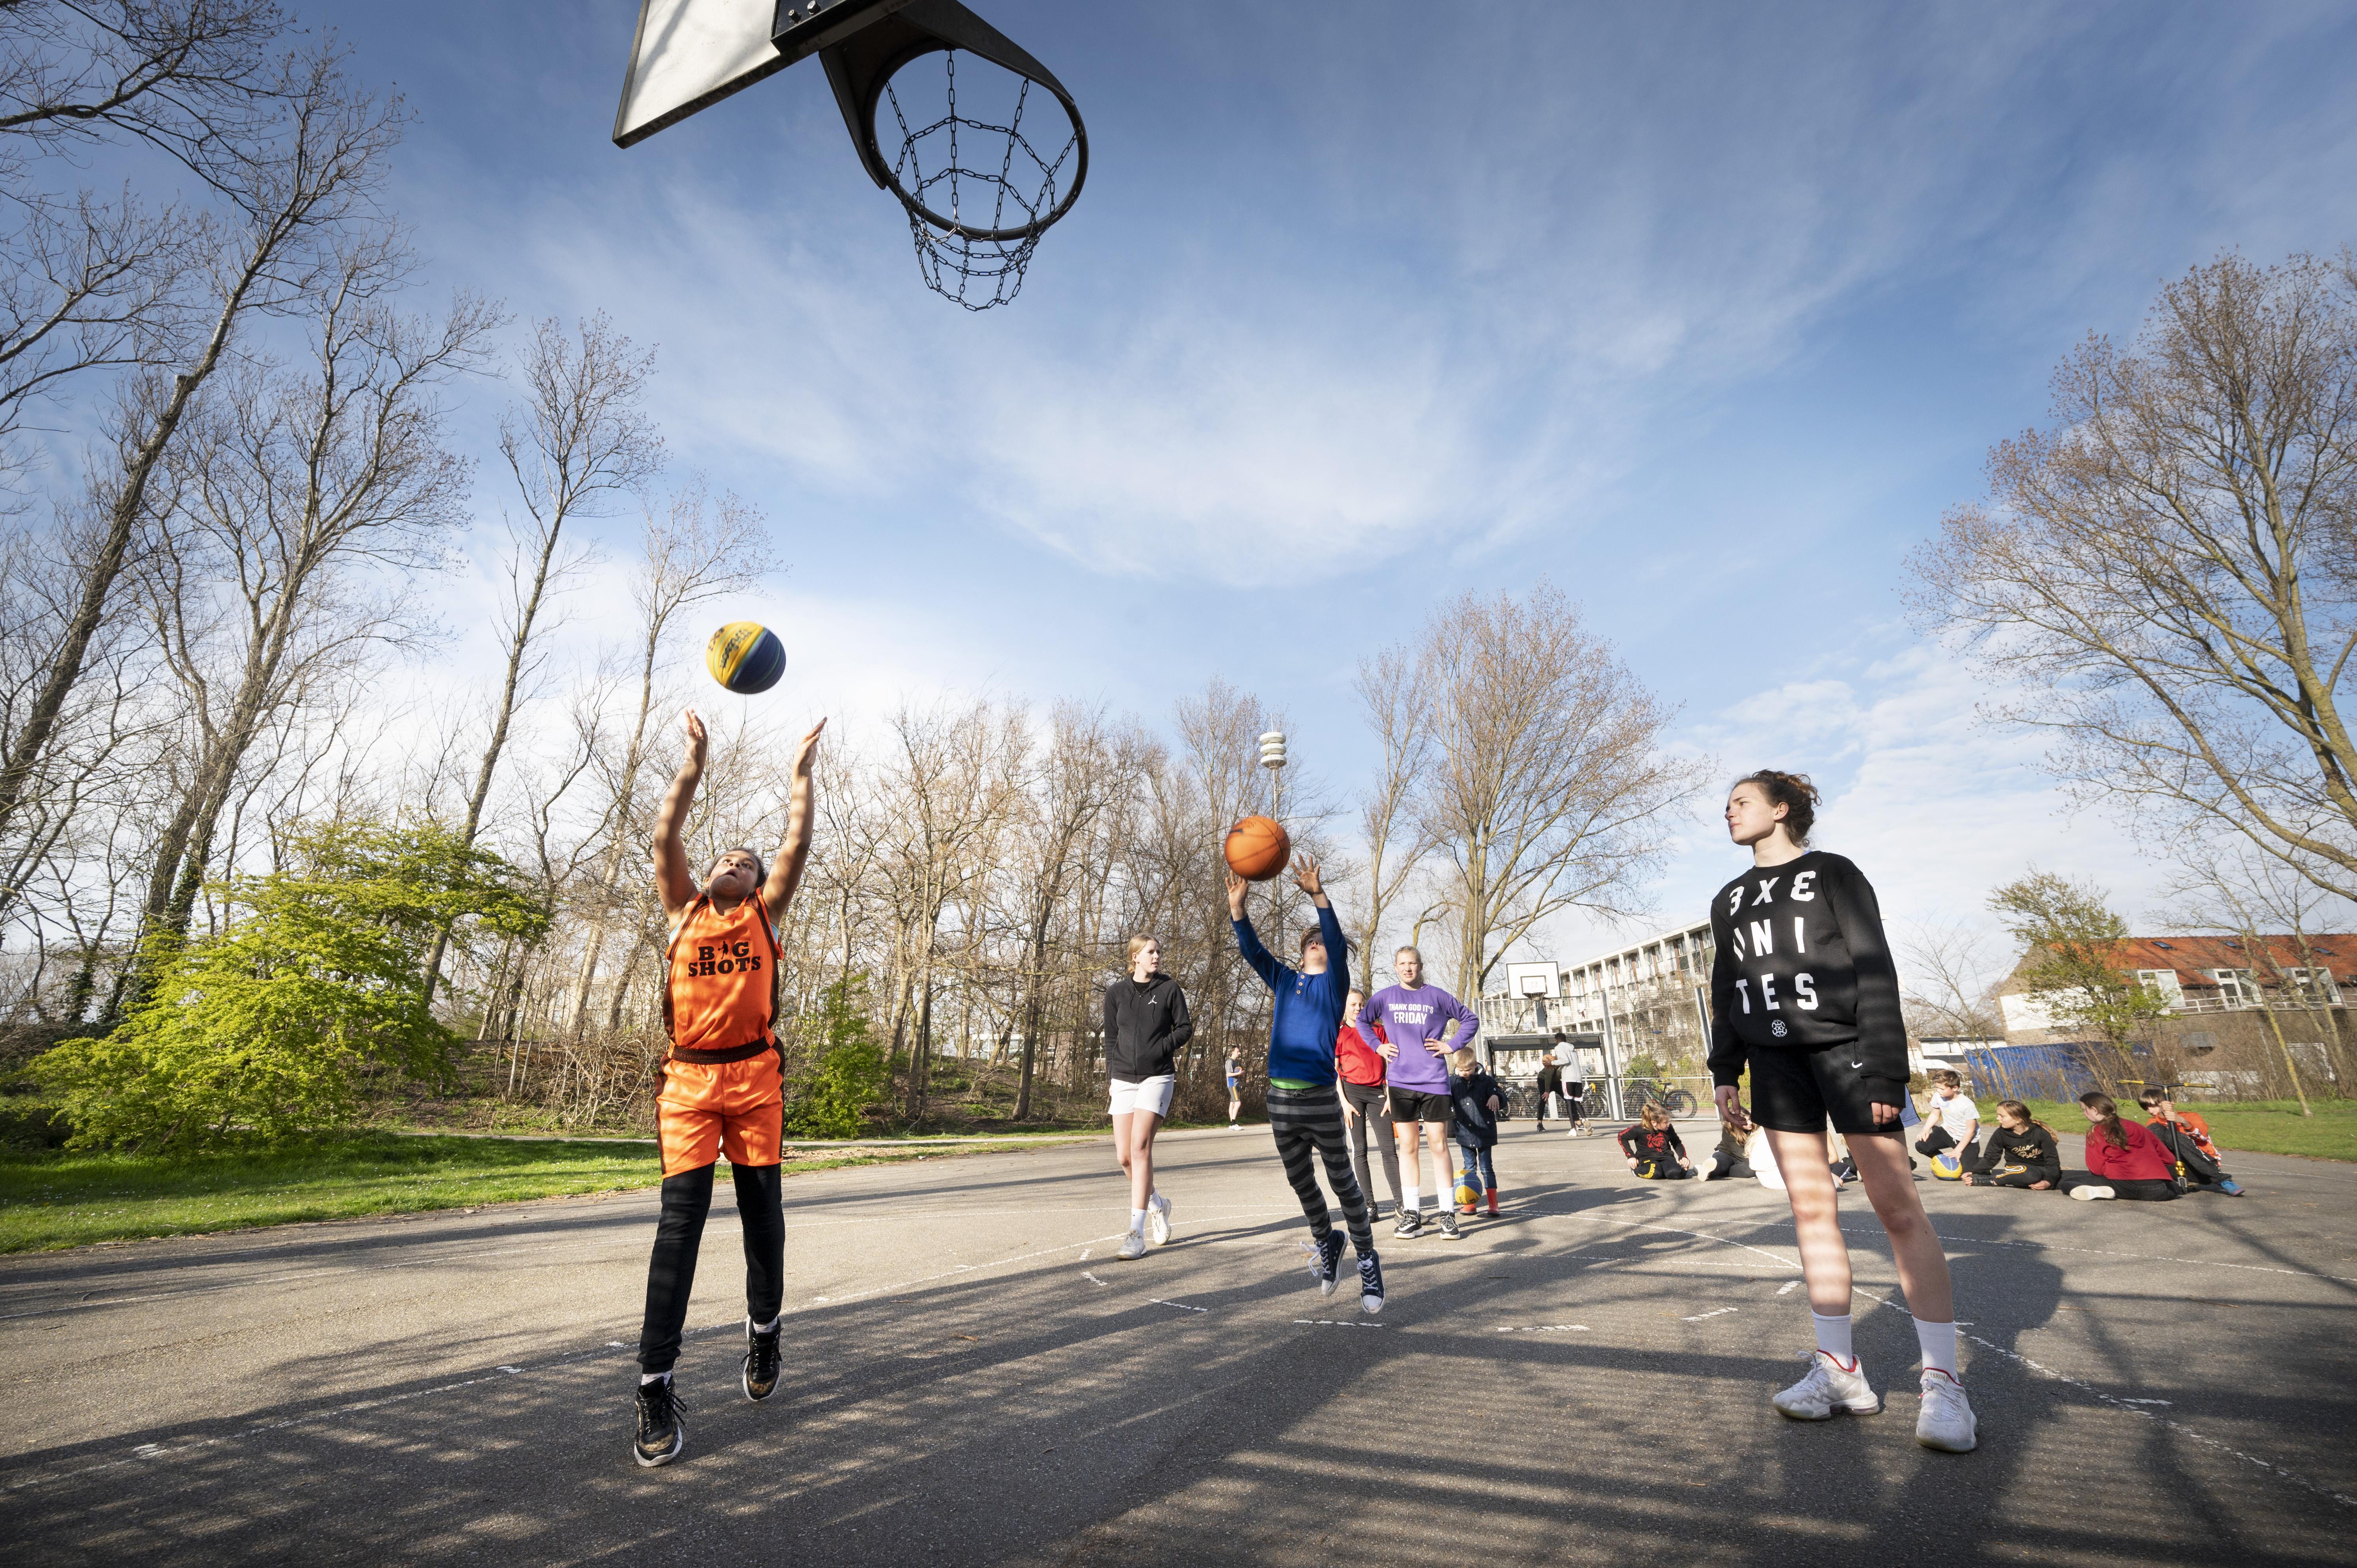 Basketballen met 3X3 Unites in Katwijk: 'Het is belangrijk dat kinderen blijven sporten, want ze zitten al veel binnen'